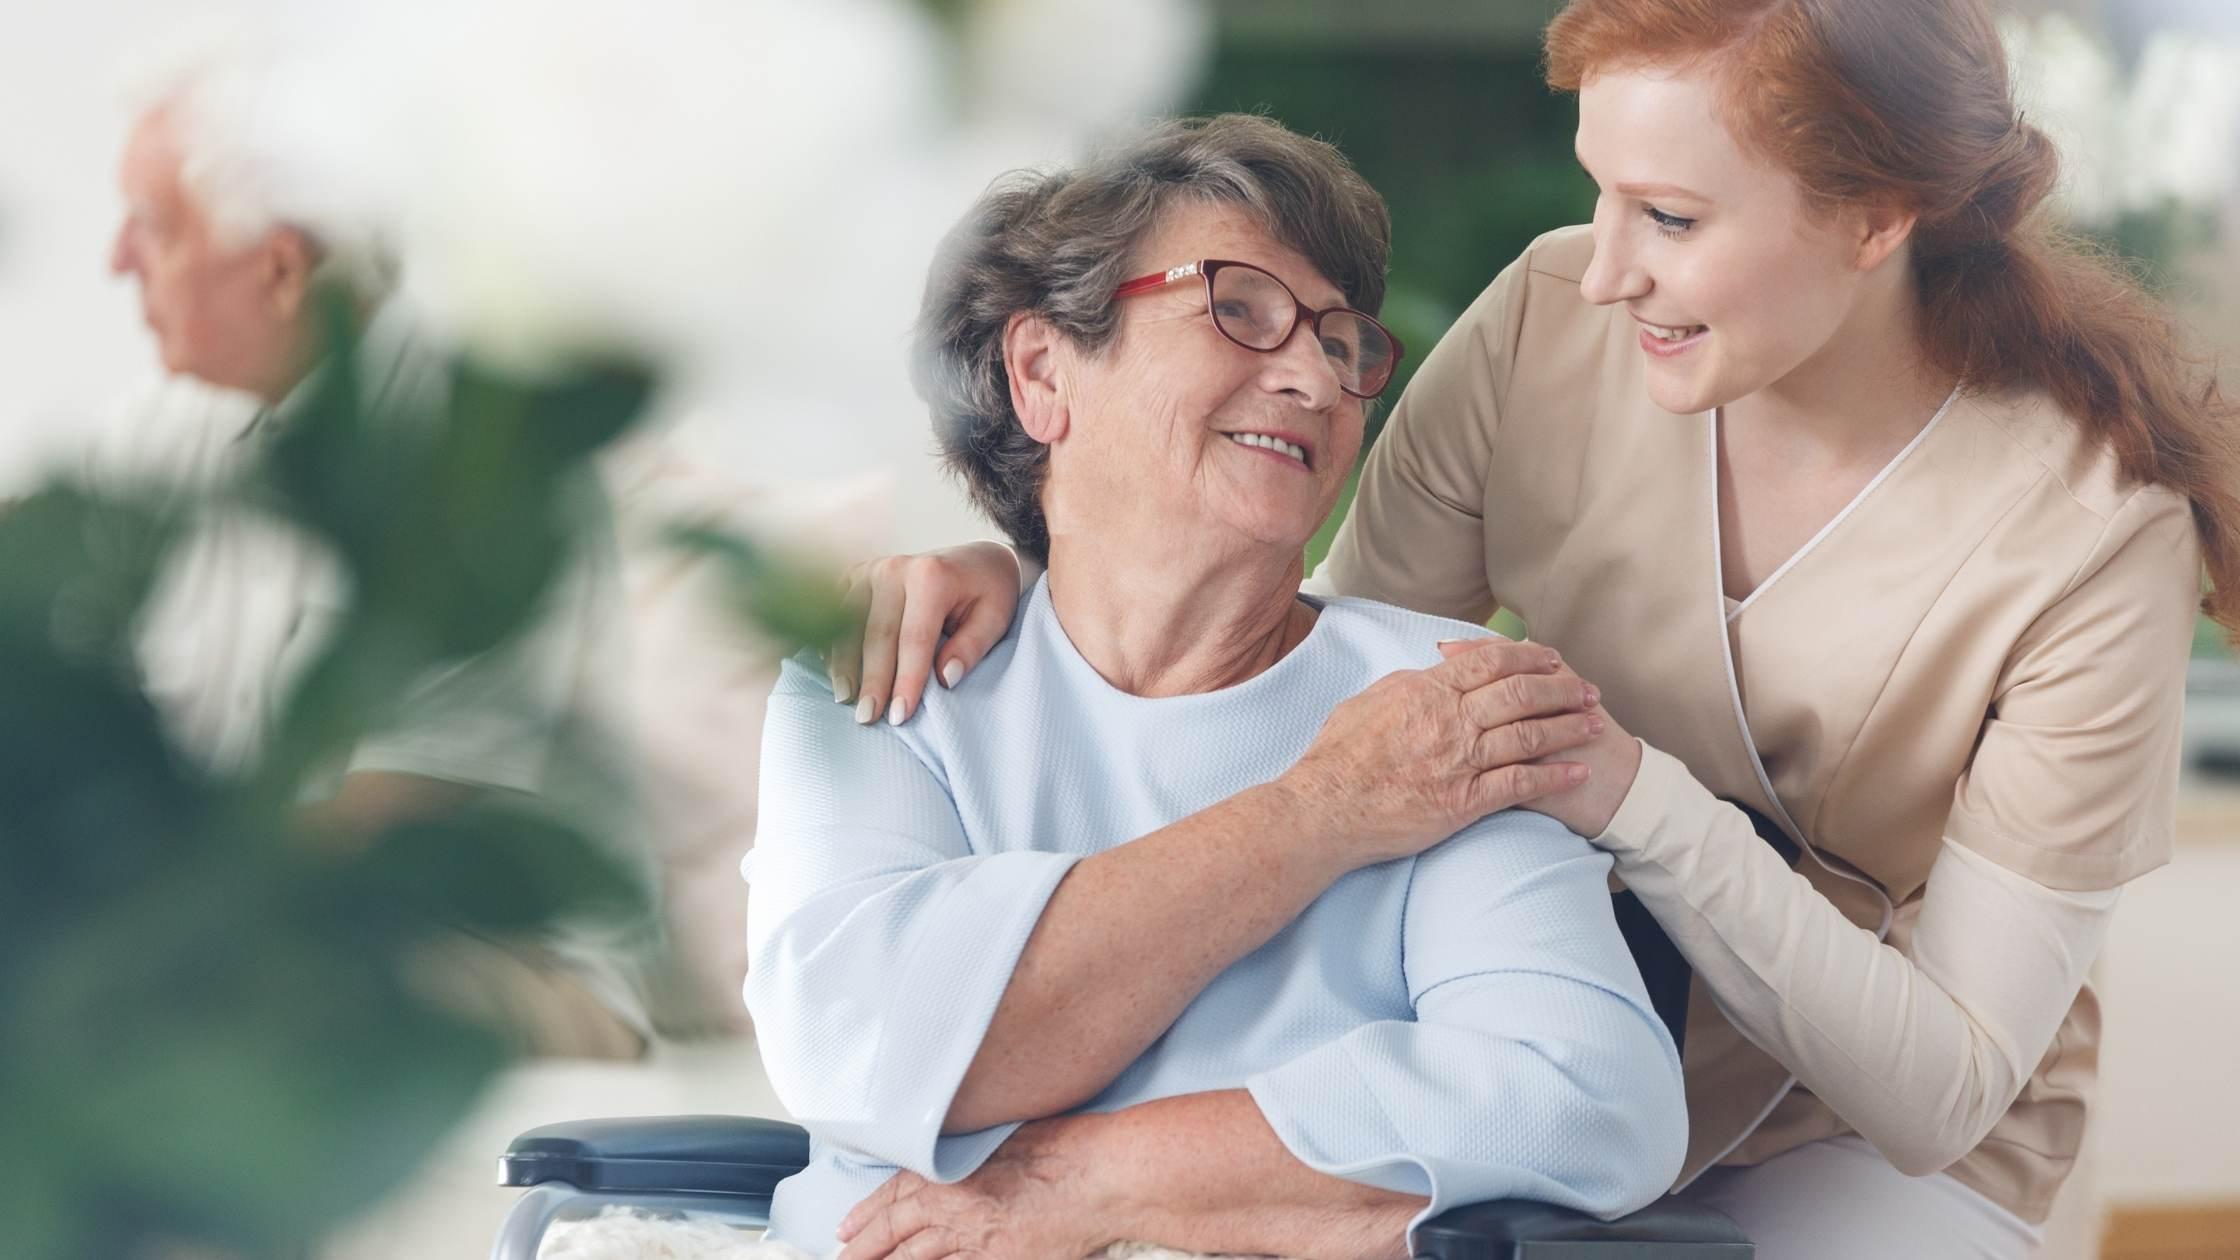 La osteoporosis es una enfermedad ósea que puede afectar a los pies